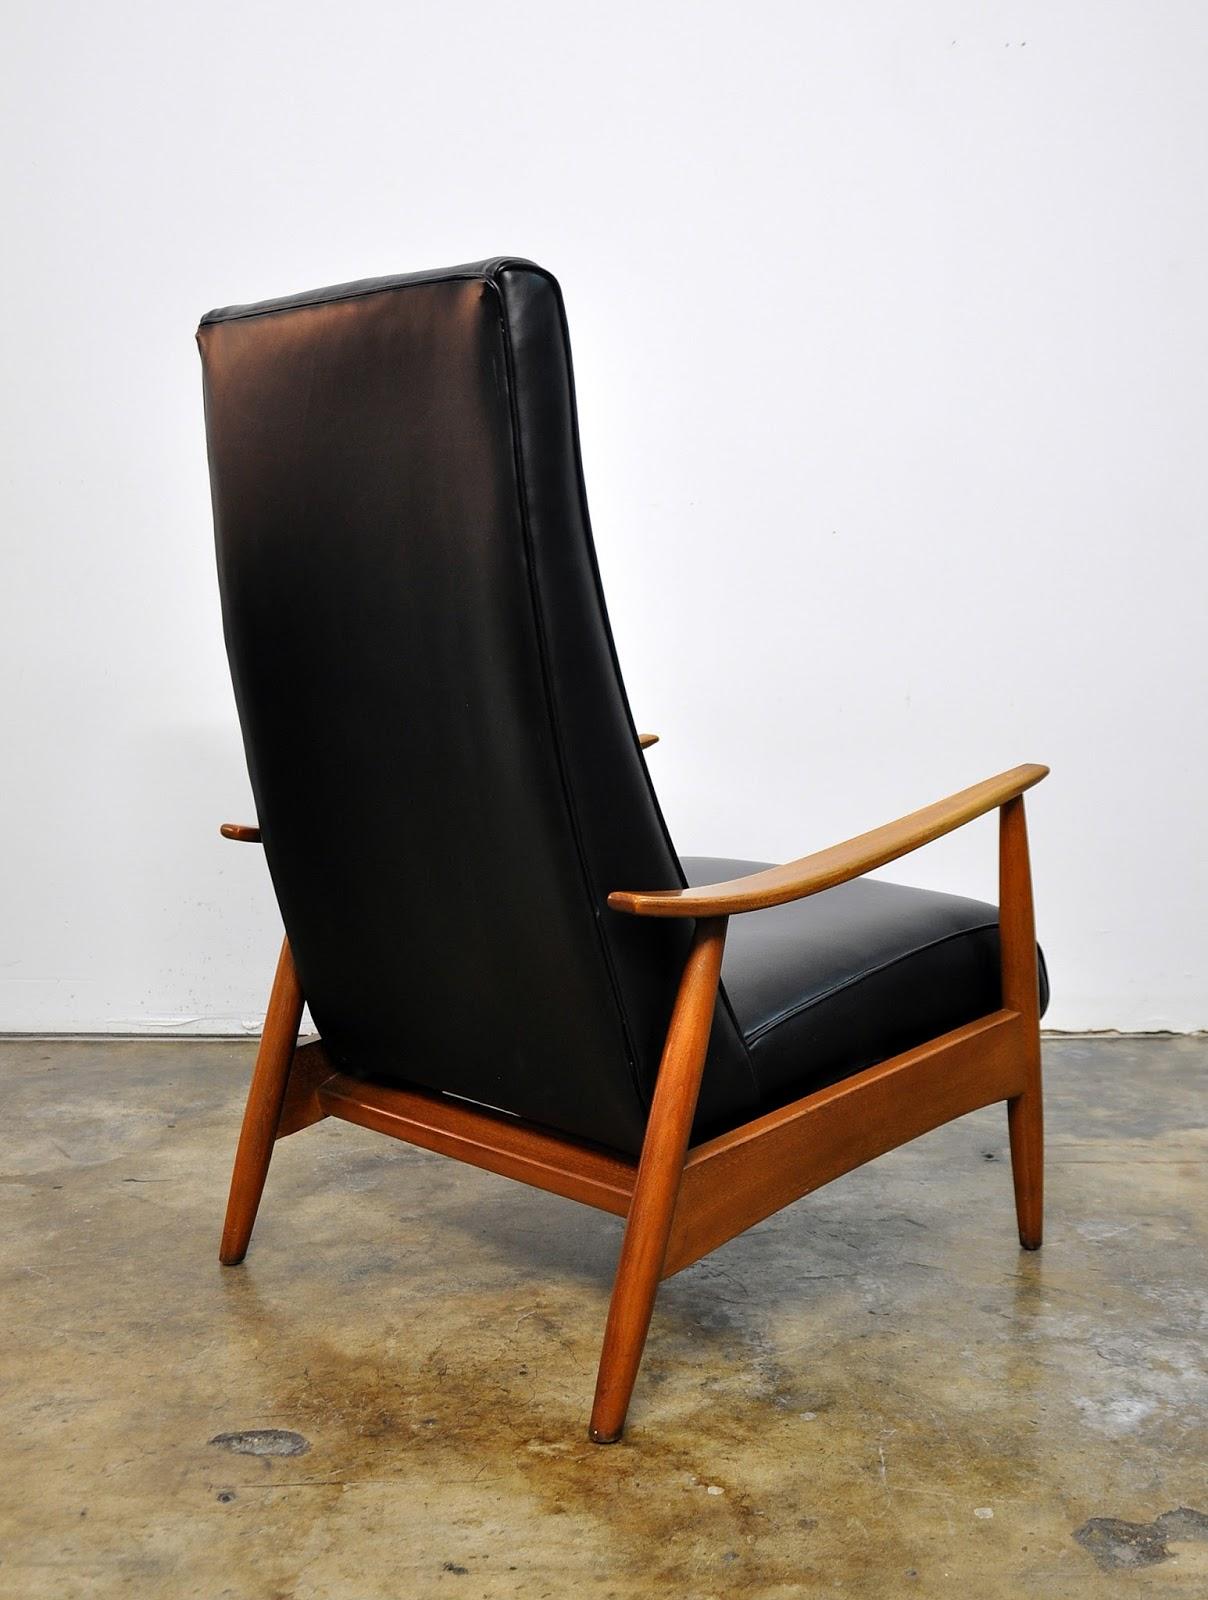 SELECT MODERN: Milo Baughman Recliner 74 Lounge Chair